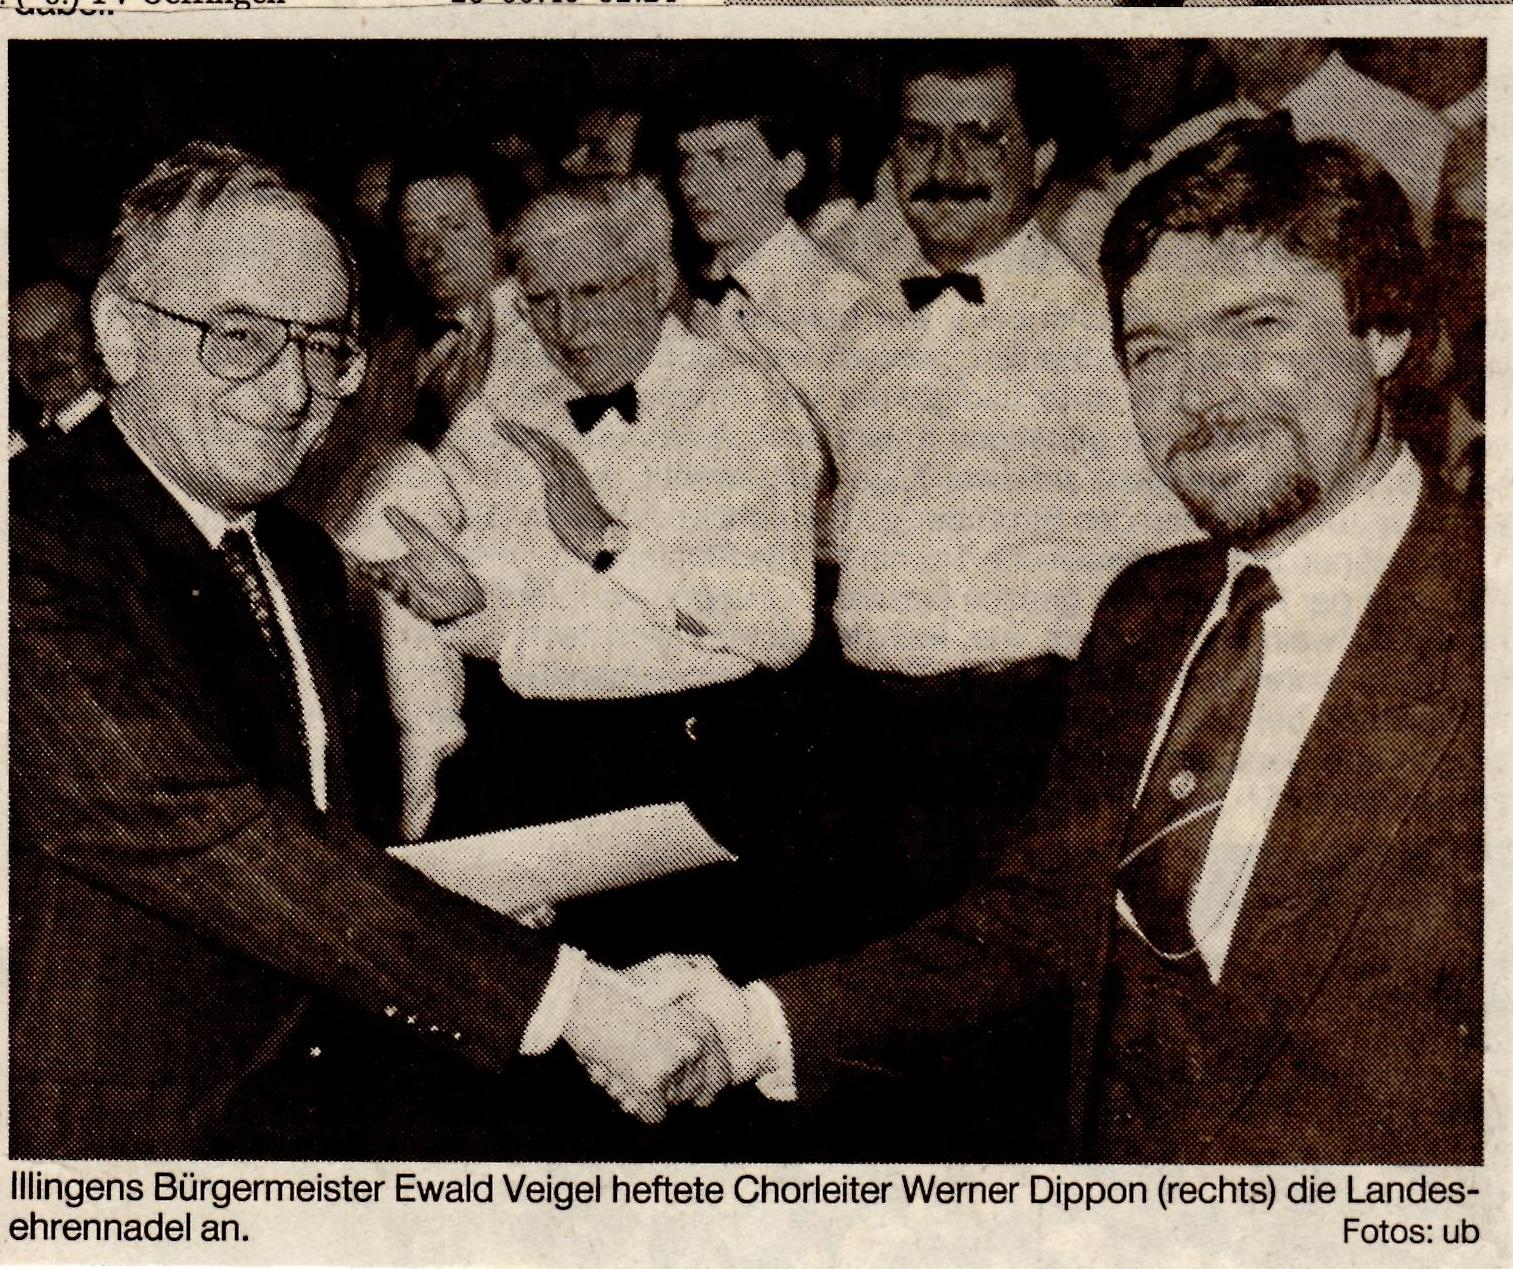 Werner Dippon - 30.04.1989